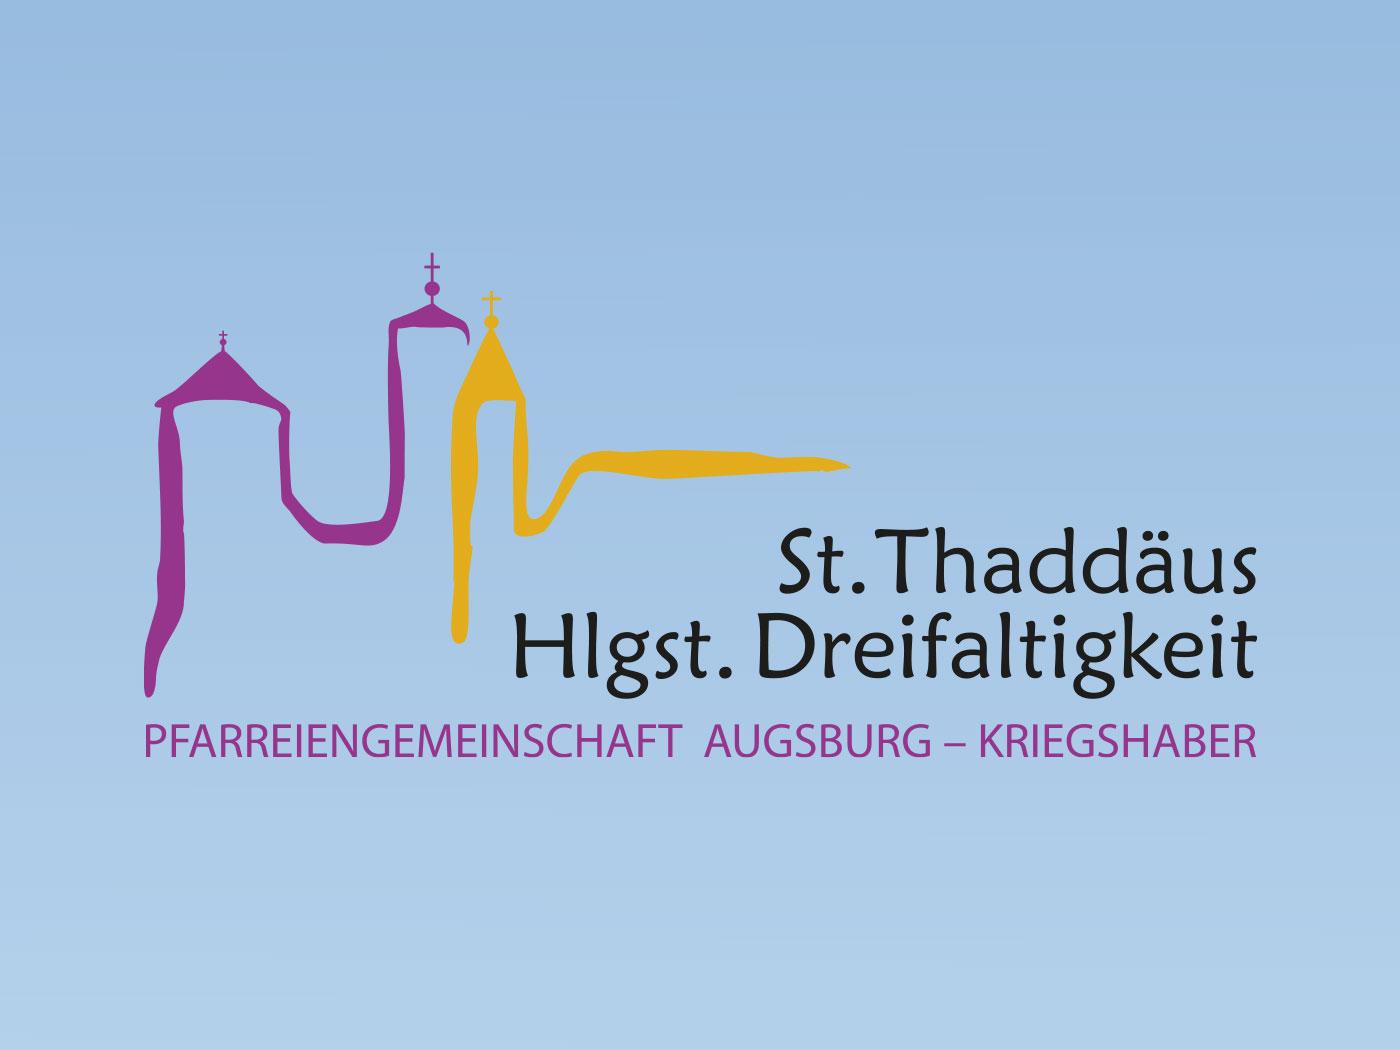 Pfarreiengemeinschaft Augsburg-Kriegshaber